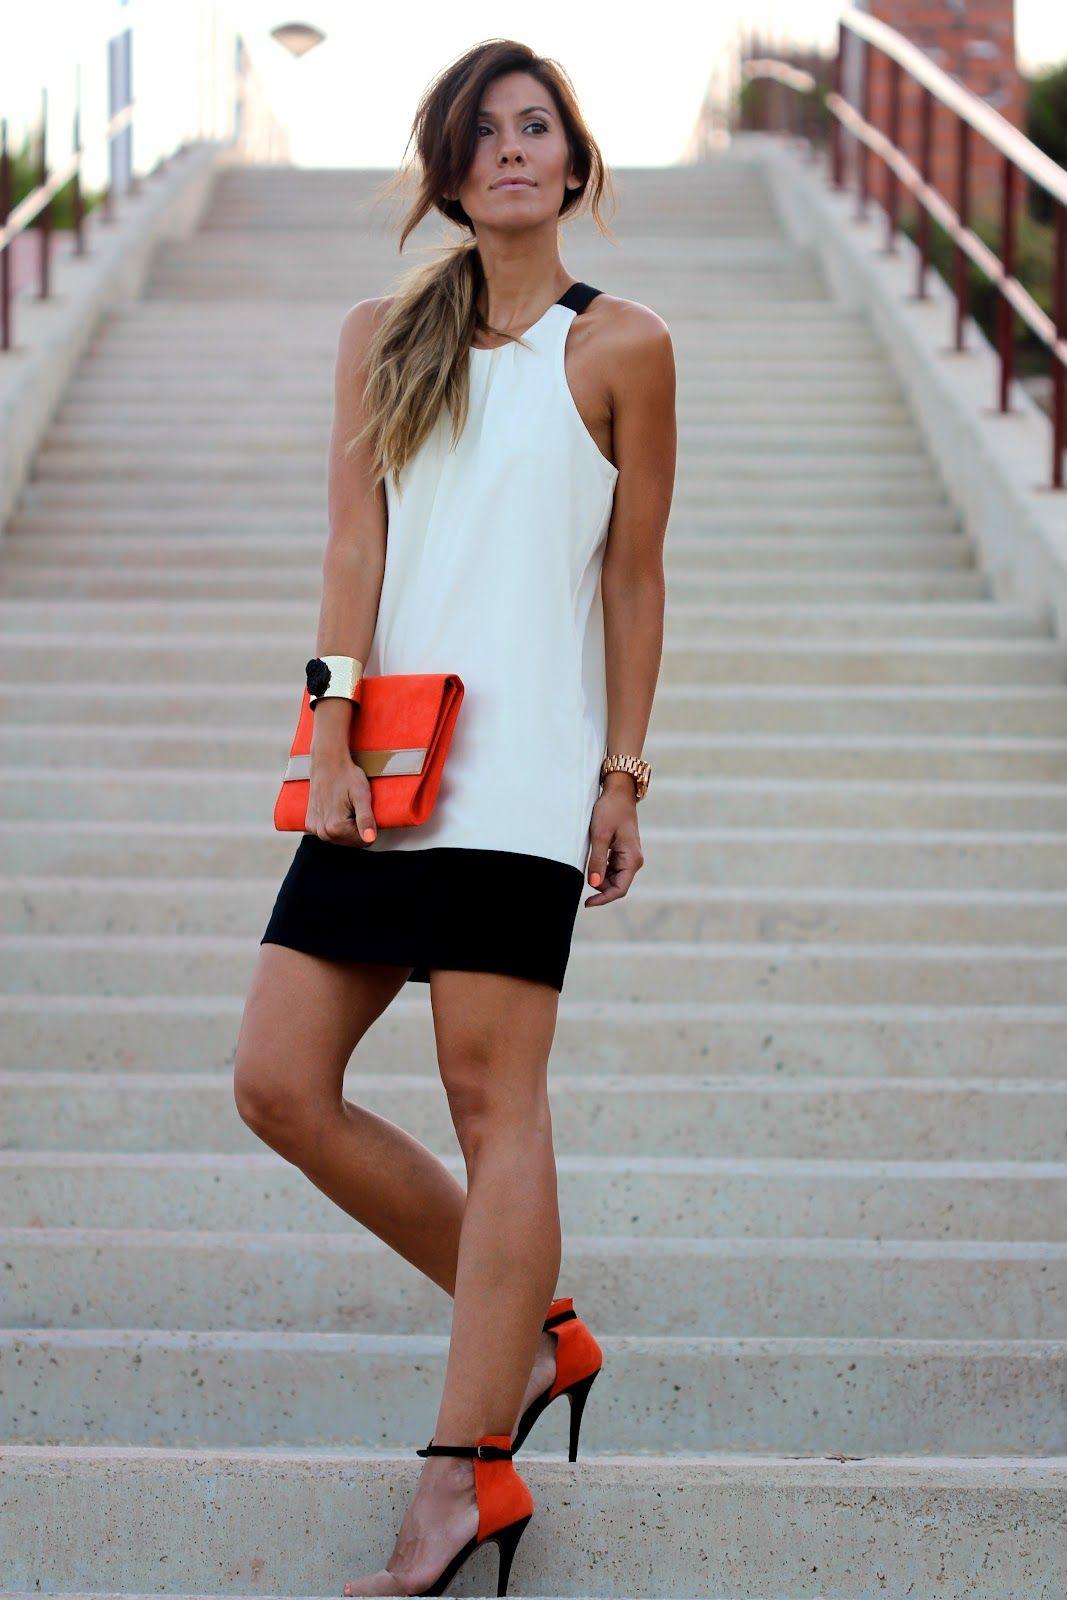 Hot pink and orange dress  Una fabulosa manera de darle color a un vestido blanco y negro